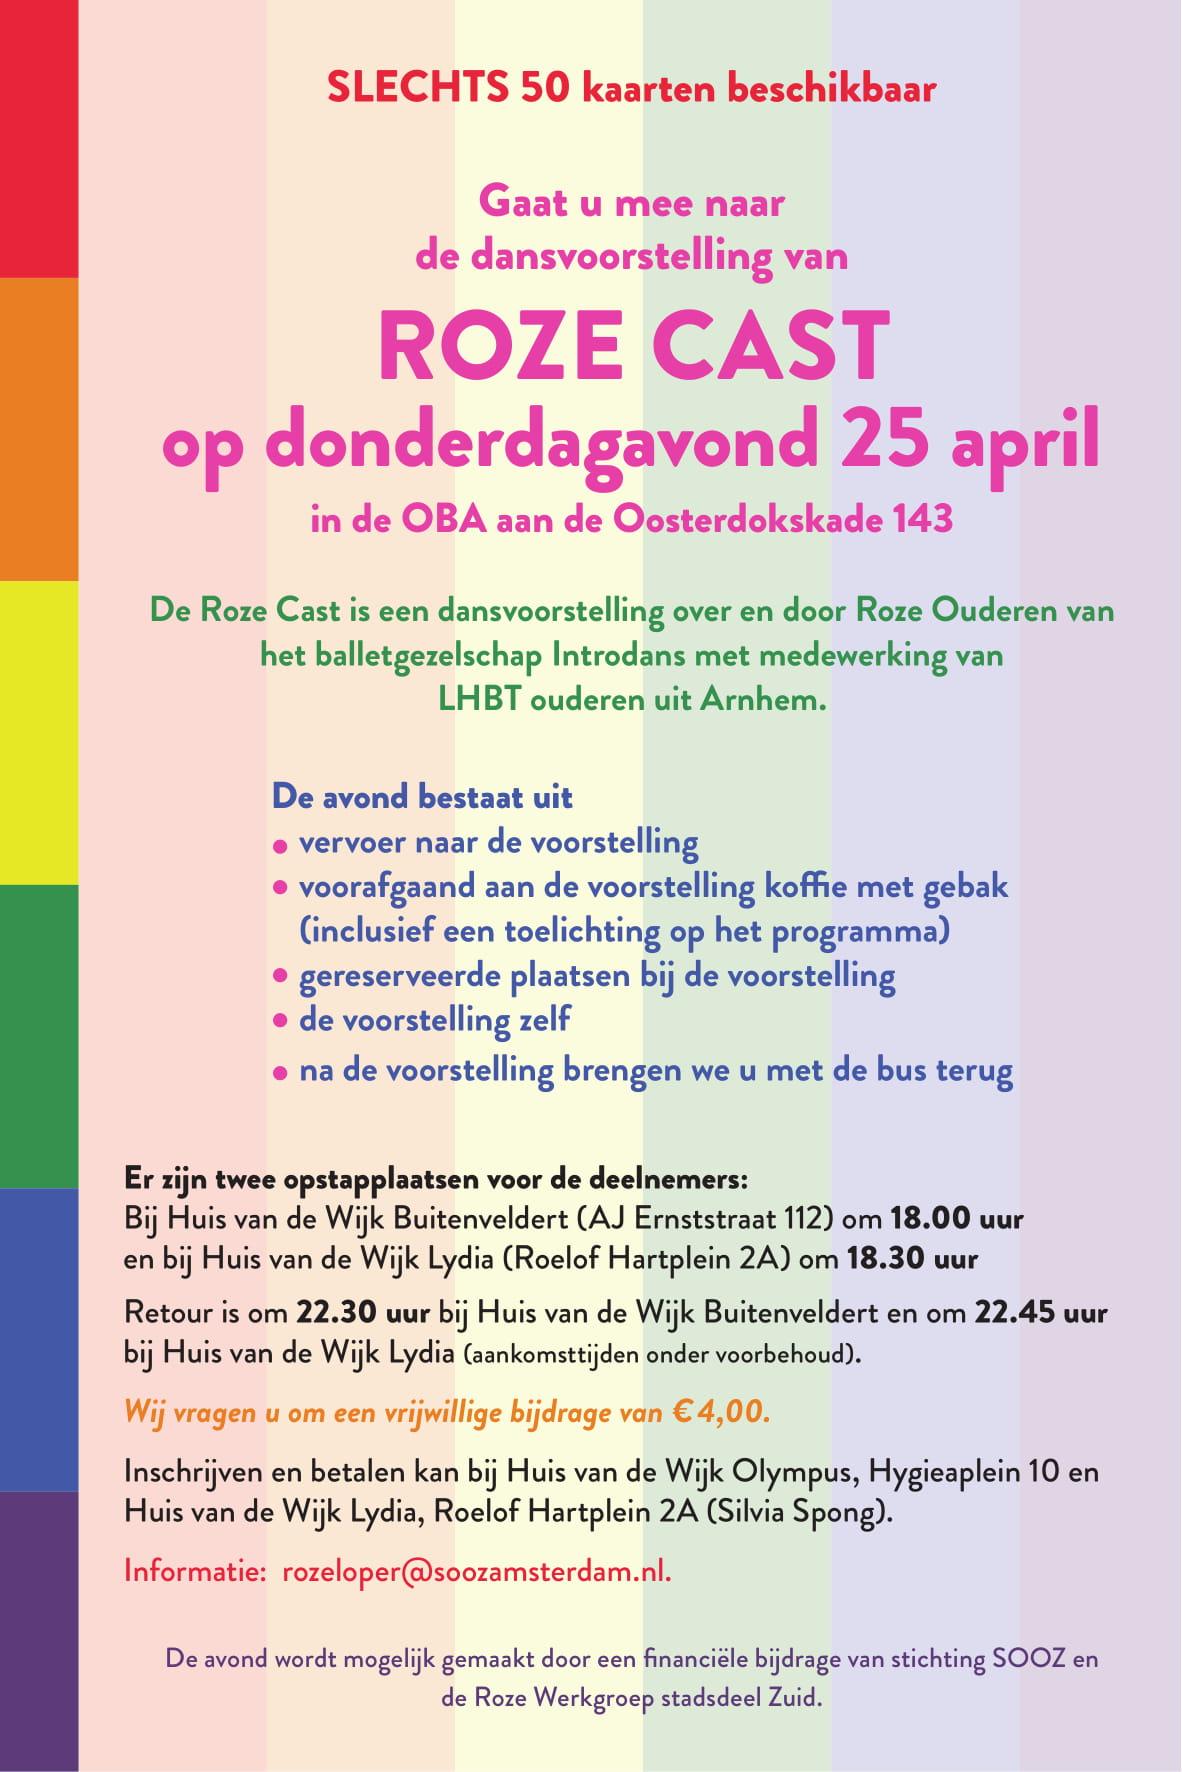 Roze_Cast_4-1.jpg